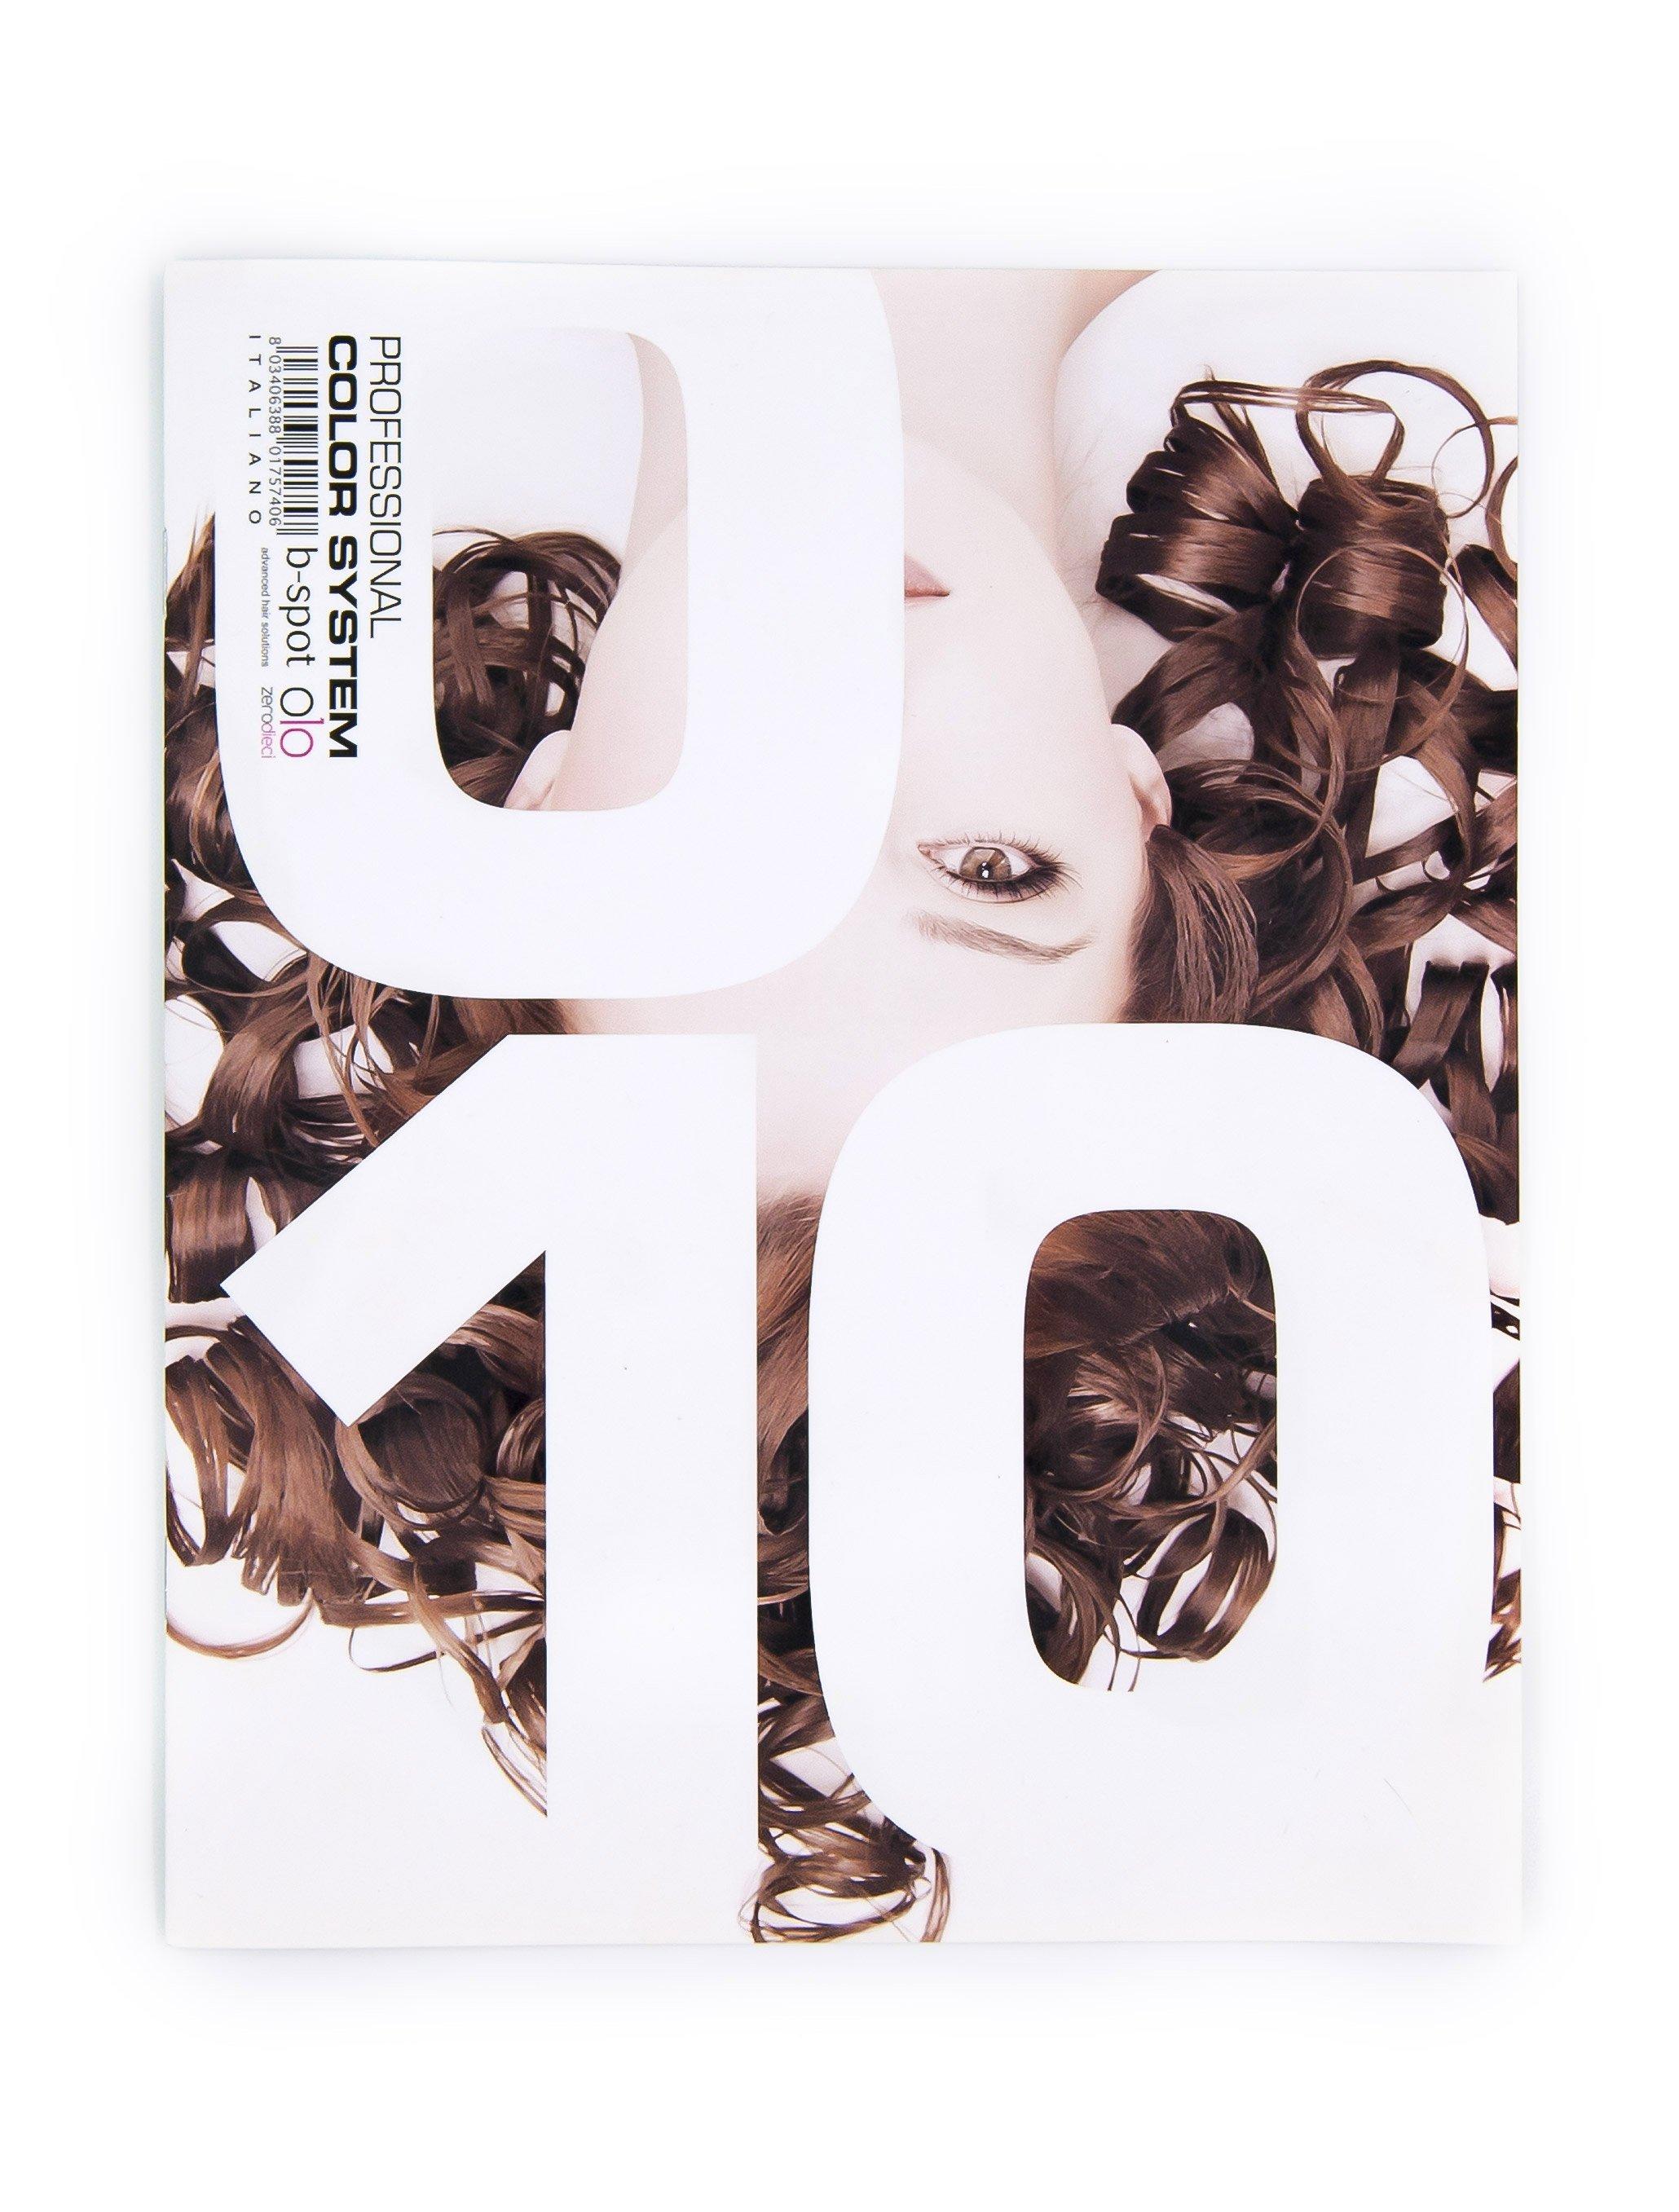 copertina catalogo prodotti parrucchieri donna